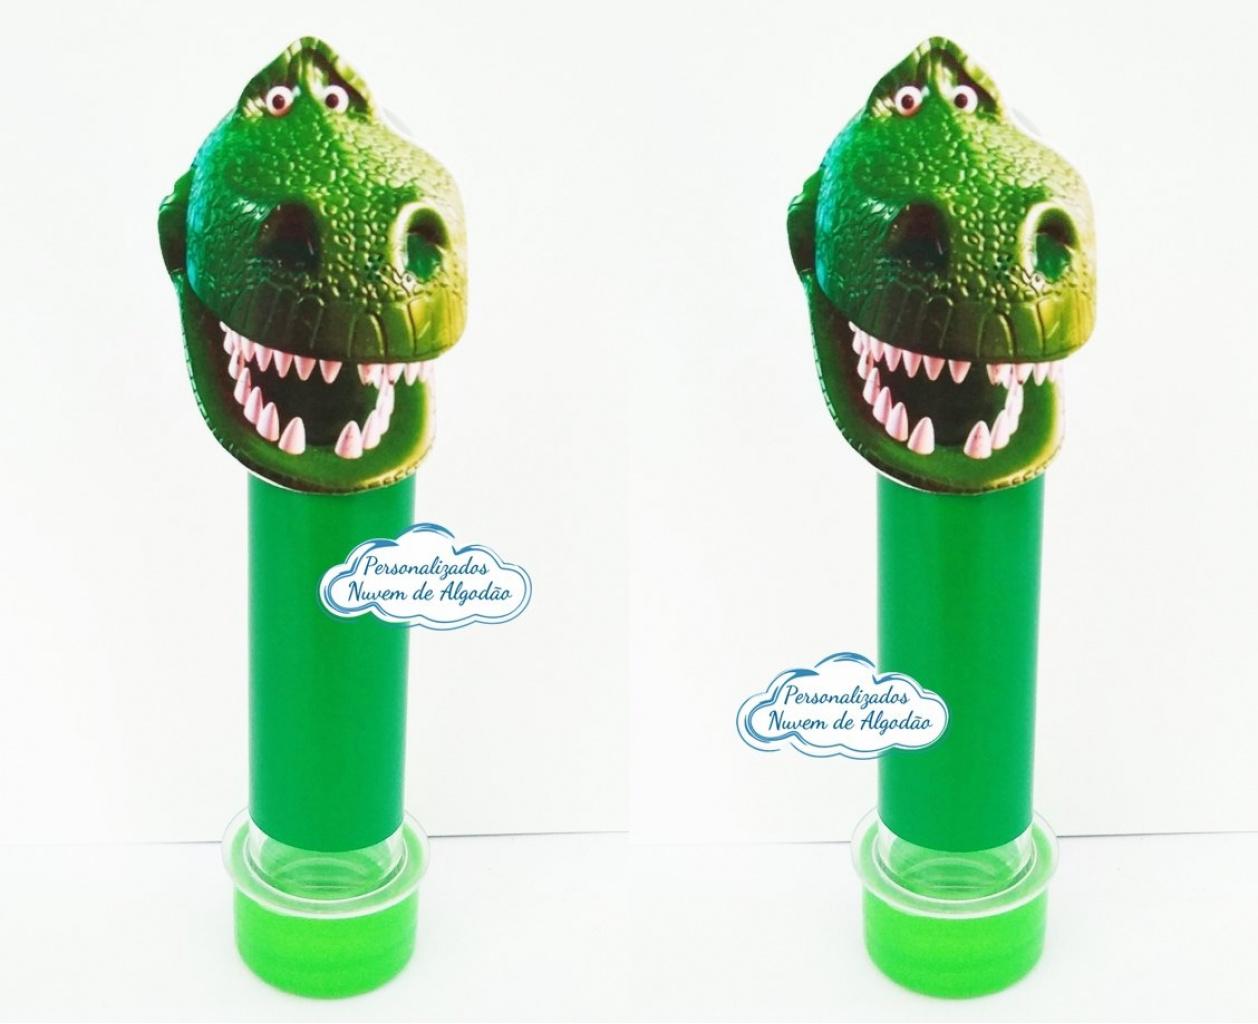 Nuvem de algodão personalizados - Aplique de tubete + adesivo Toy Story - Rex